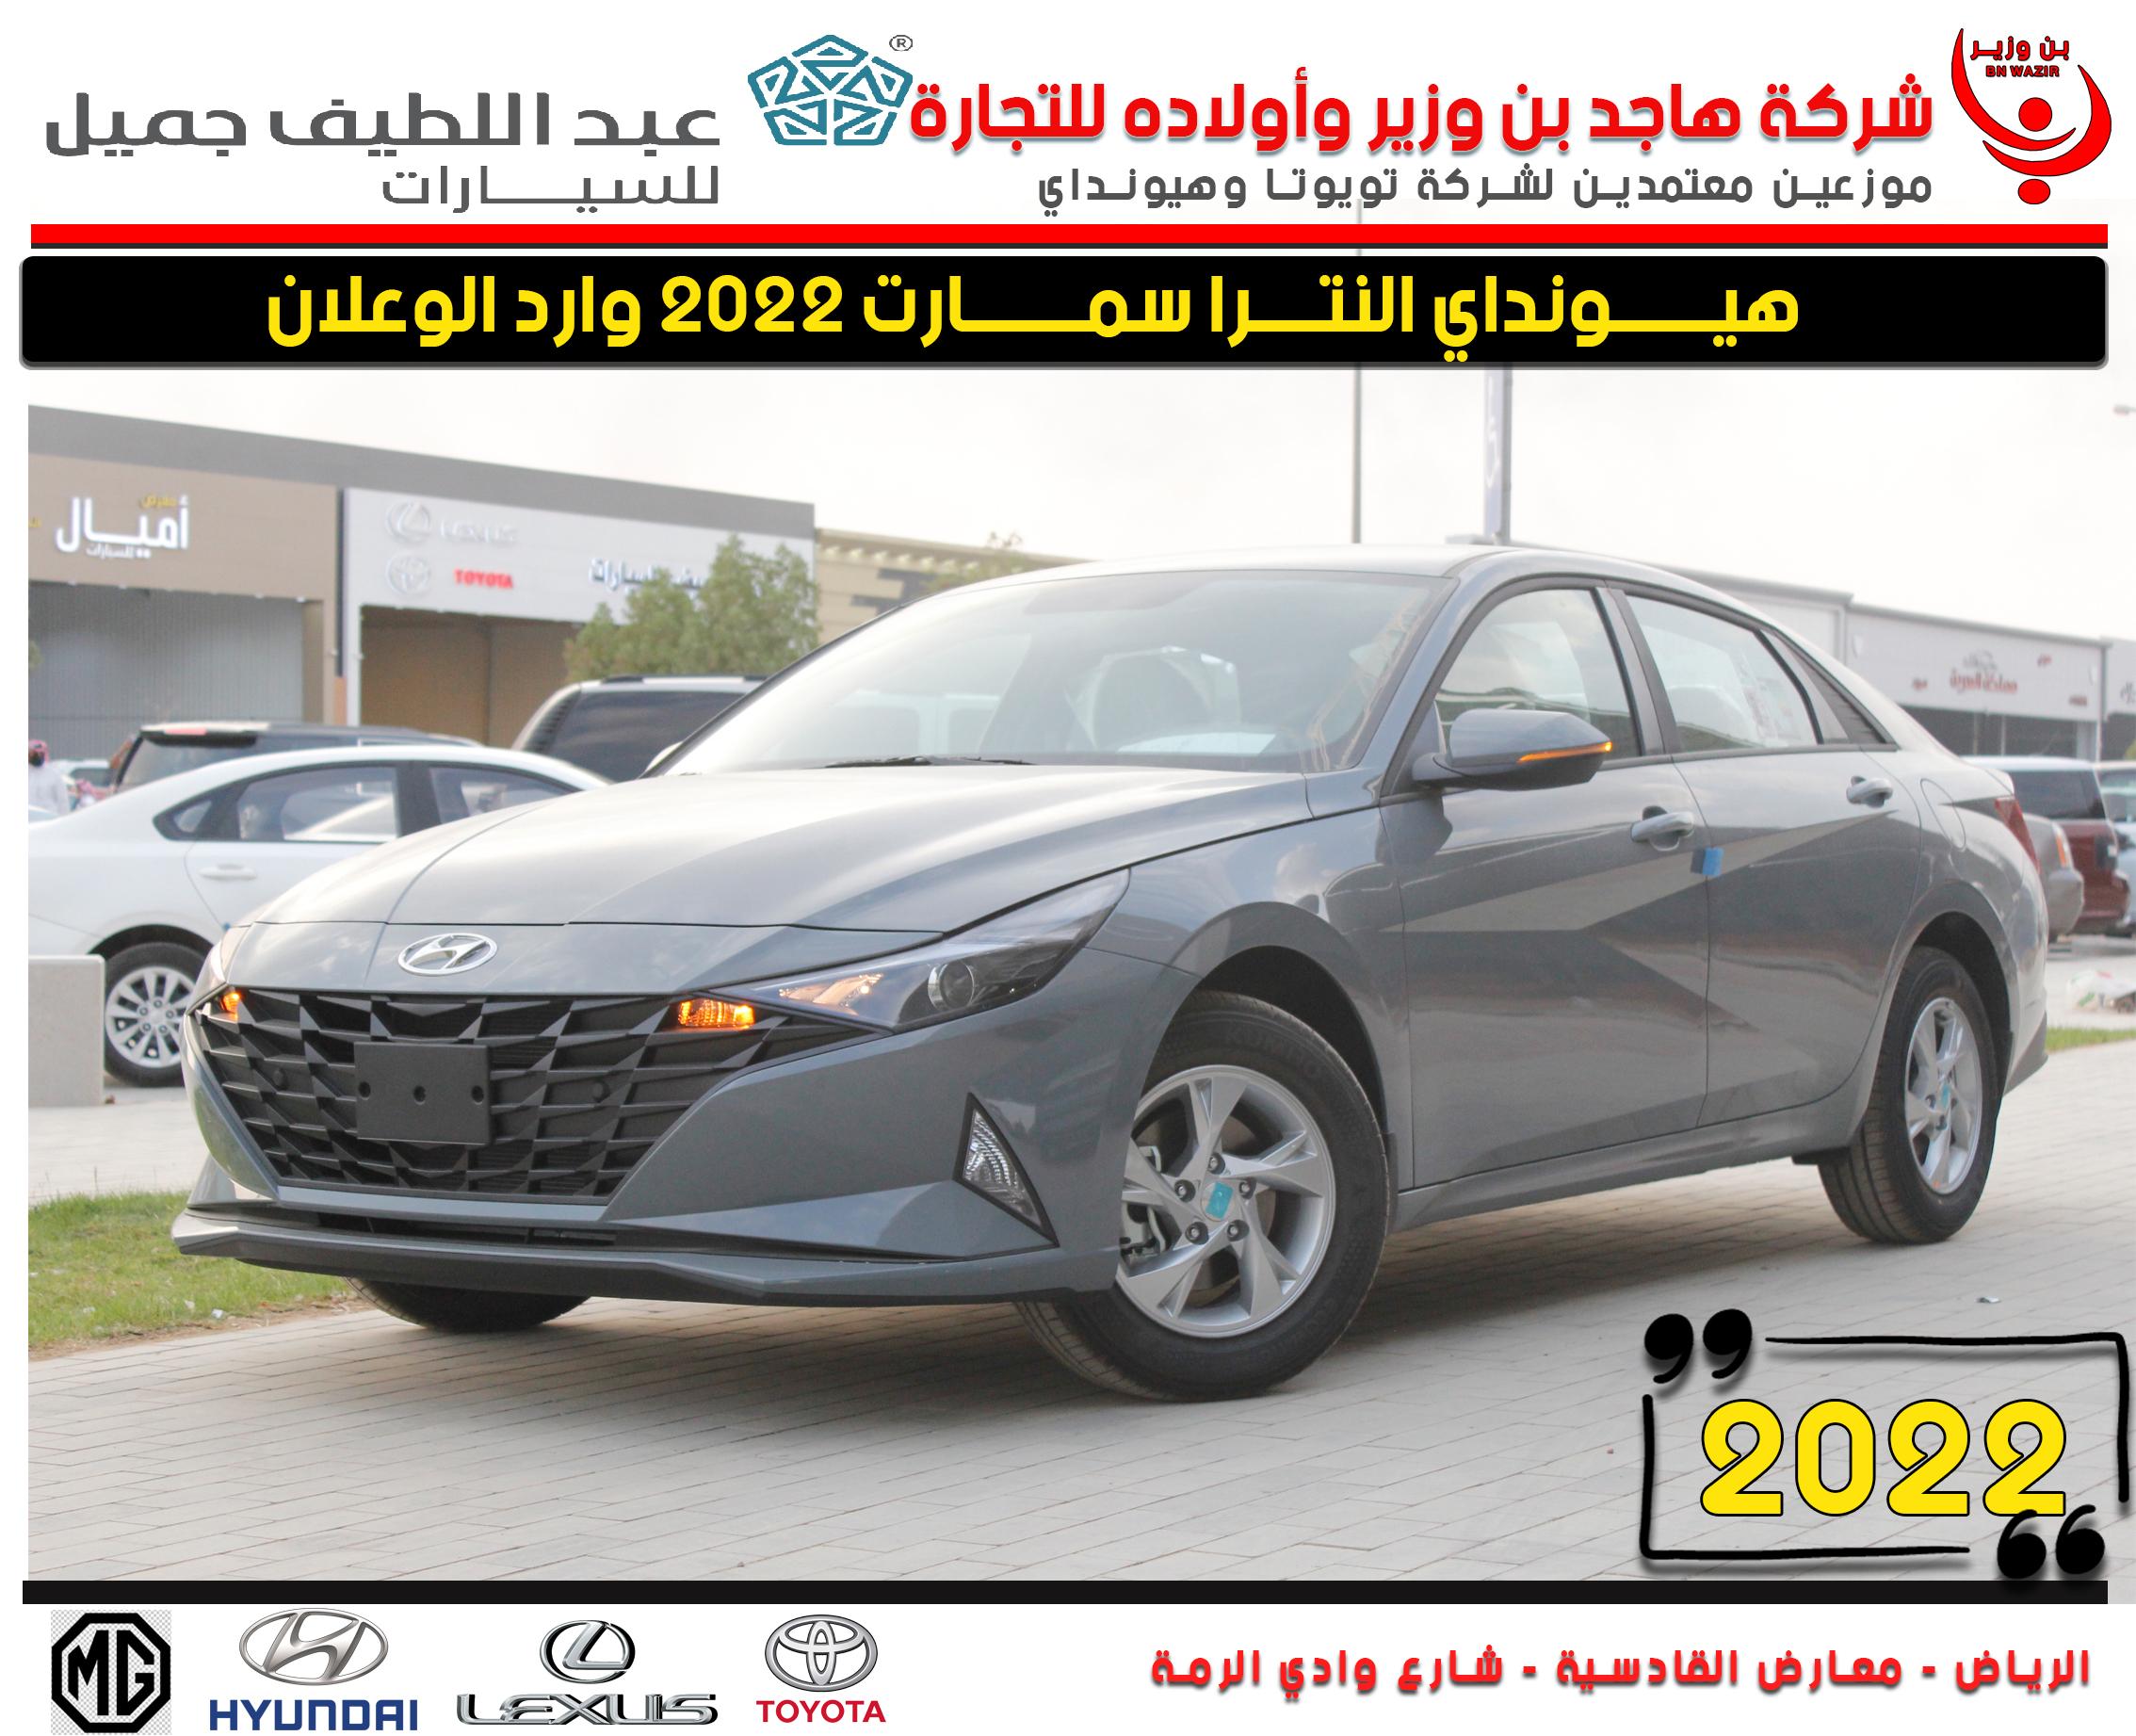 النترا 2022 الوعلان كاميرا وشاشة وشاحن 2000 سي سي للبيع في الرياض - السعودية - صورة كبيرة - 1